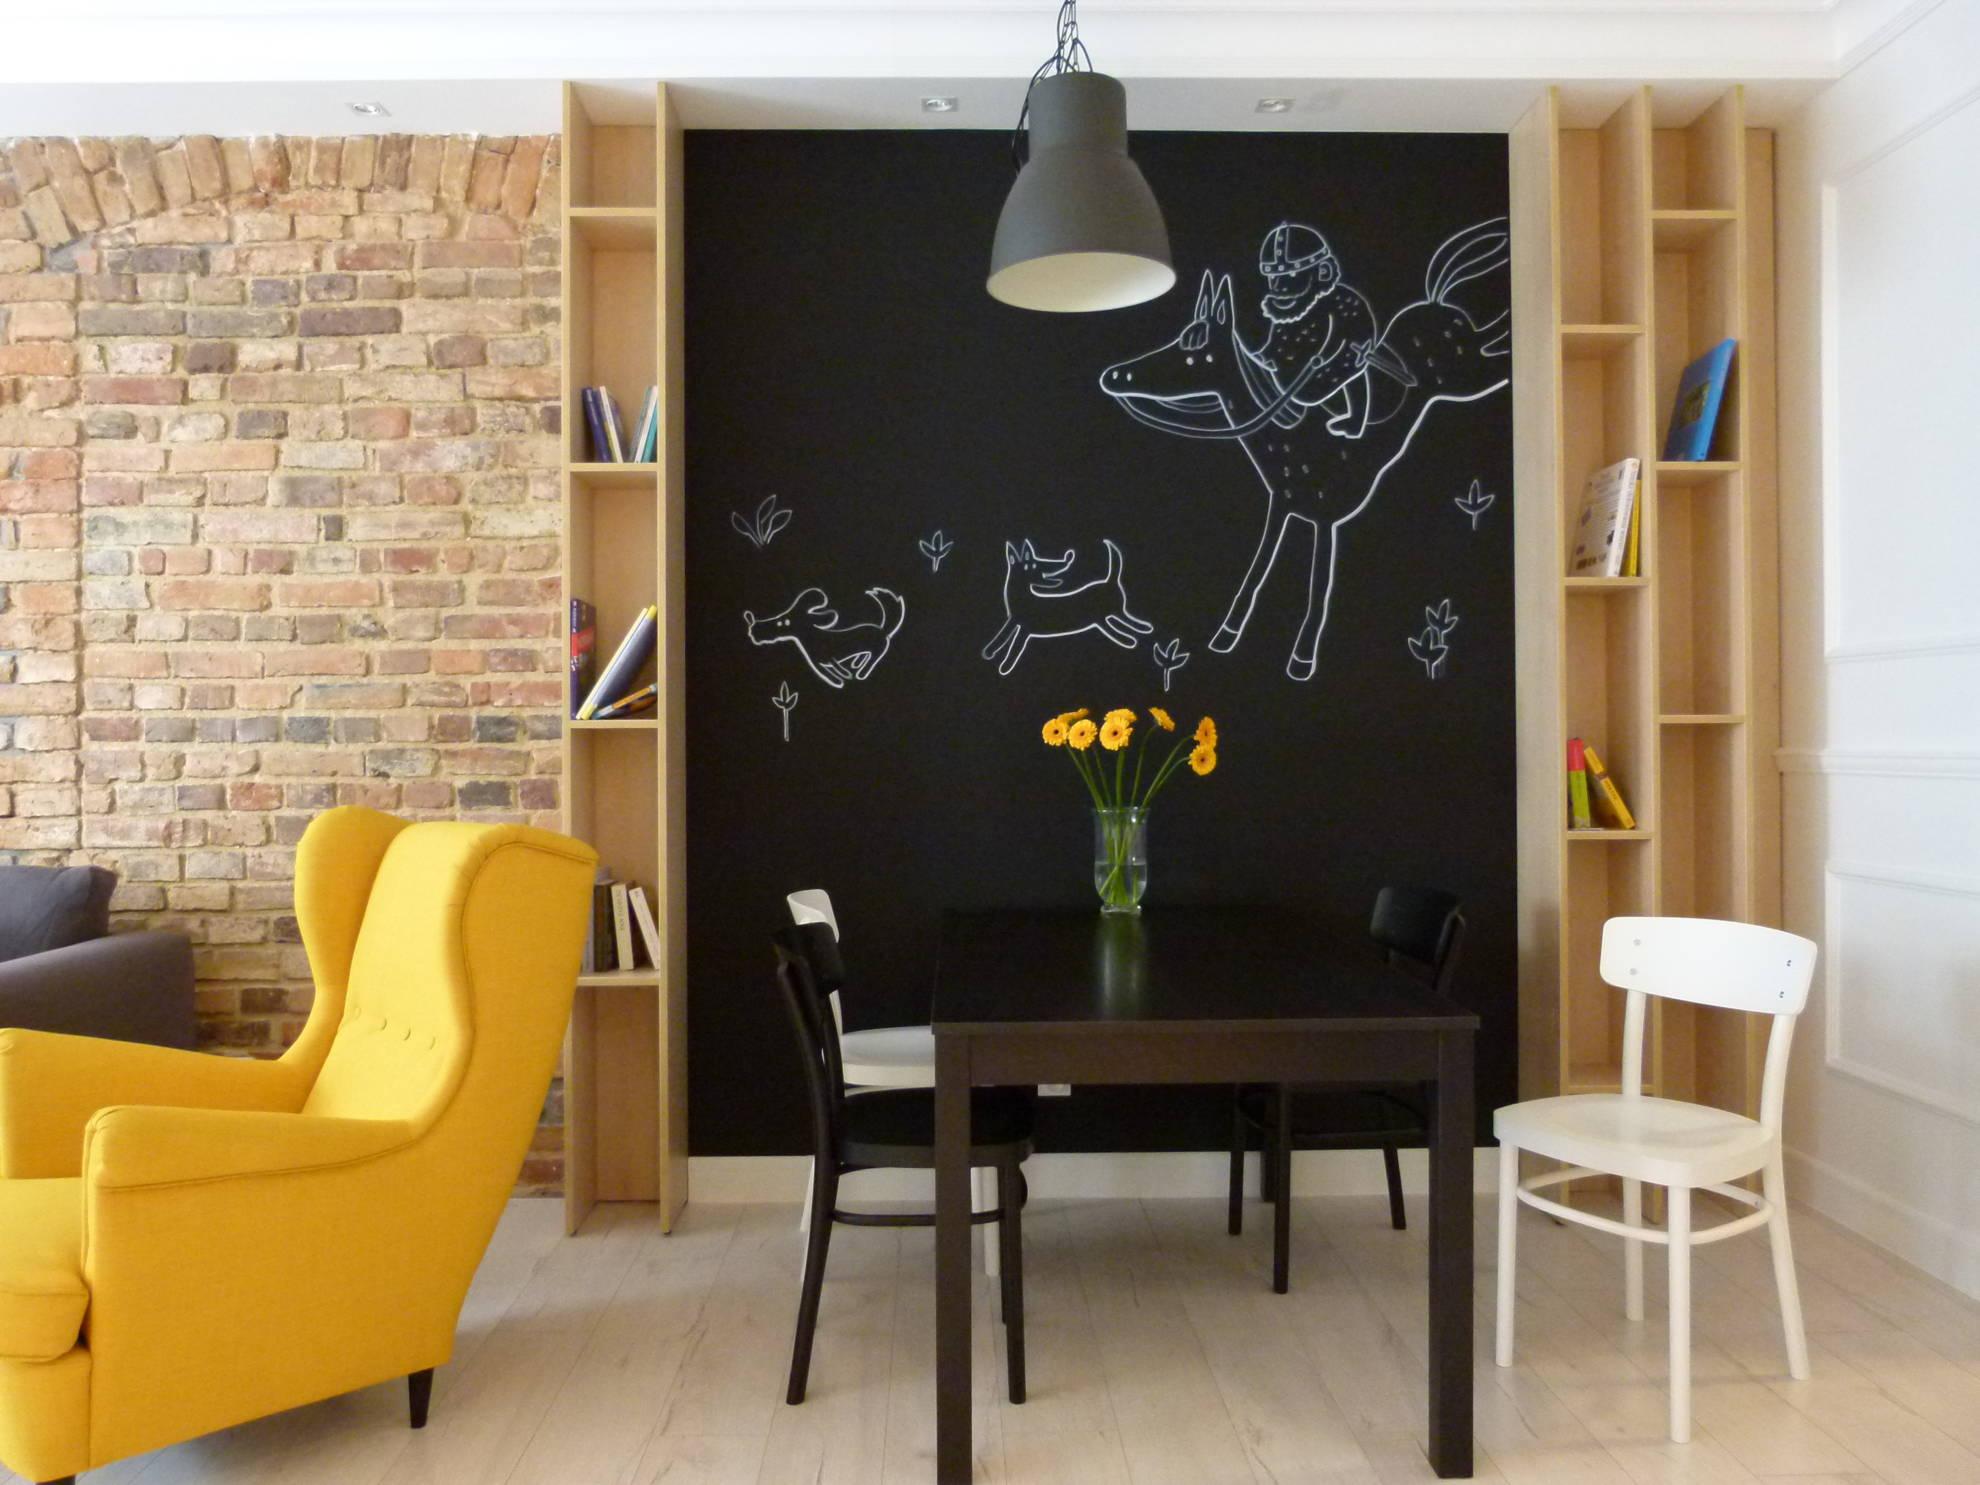 Aranżacja salonu z wydzieloną jadalnią - projekt architekt wnętrz Emilia Strzempek Plasun.